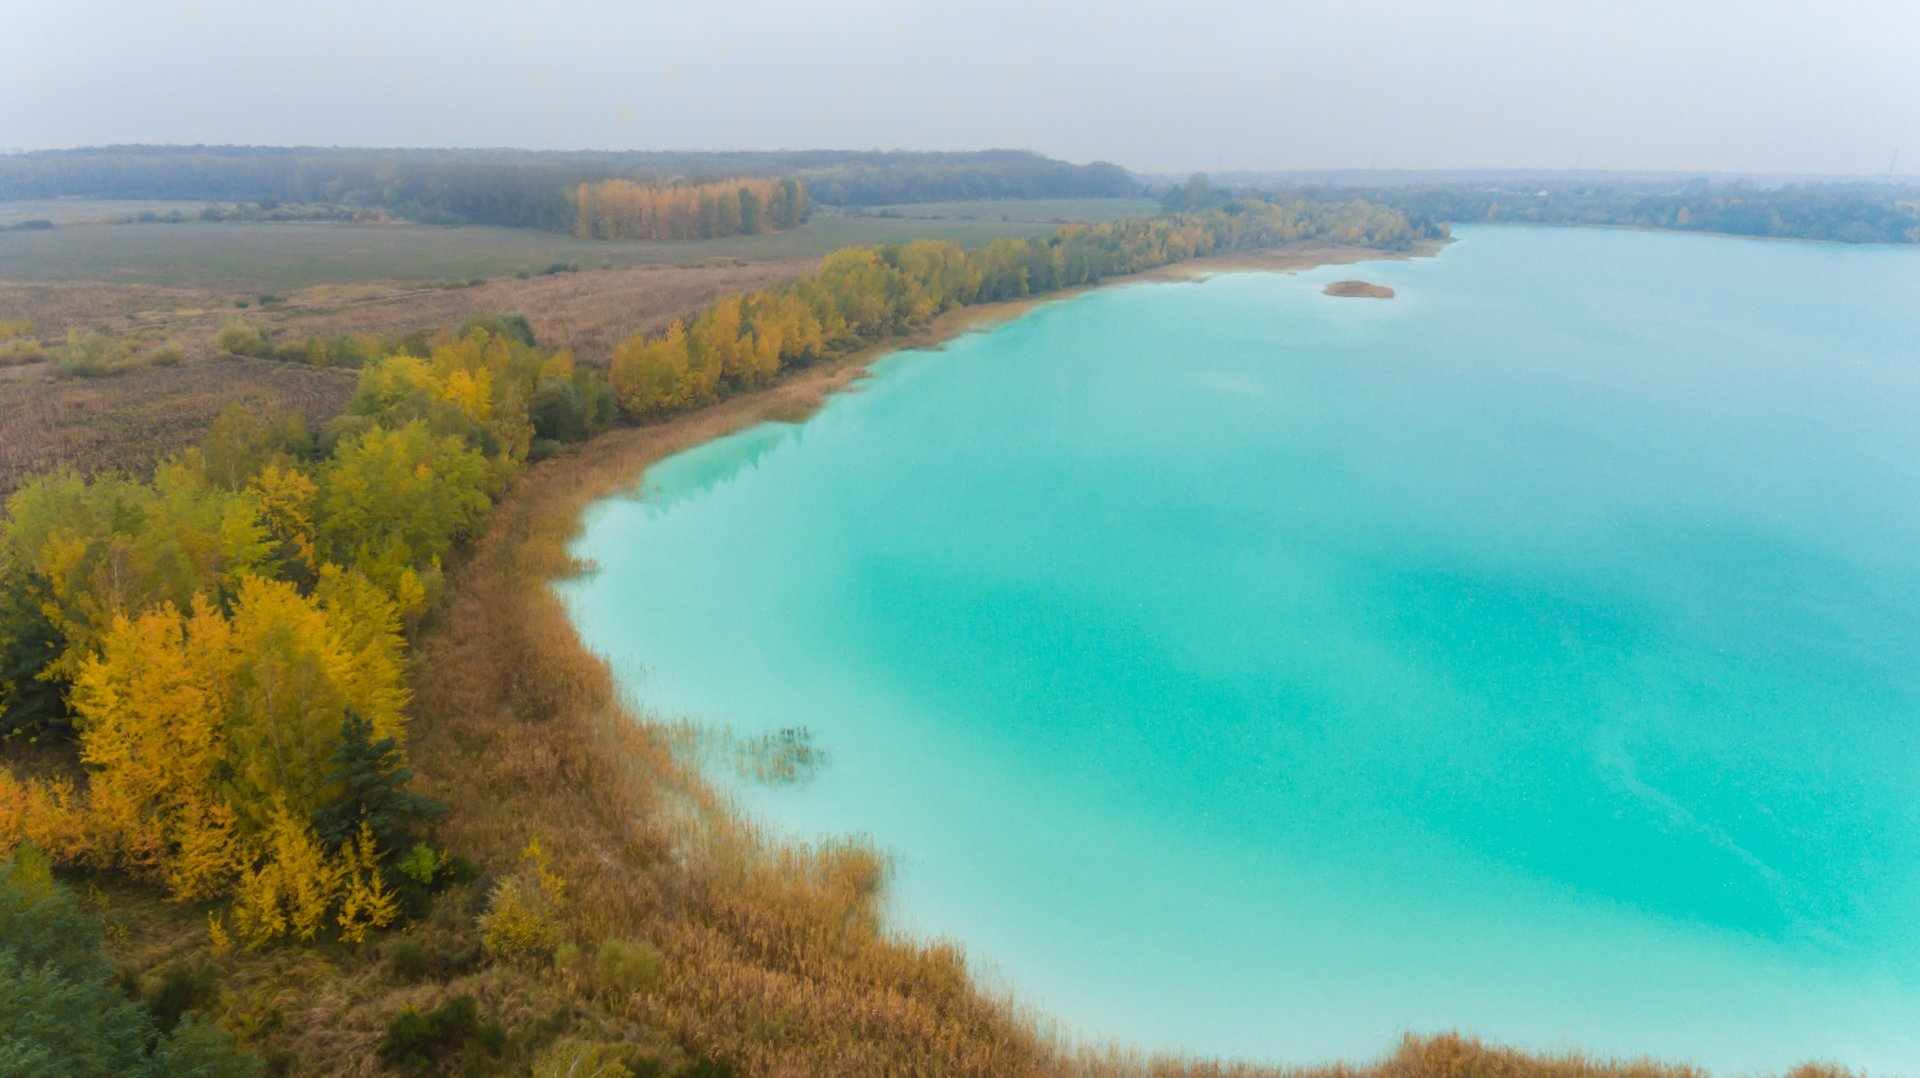 turkusowe-jezioro-konin-widok-z-drona